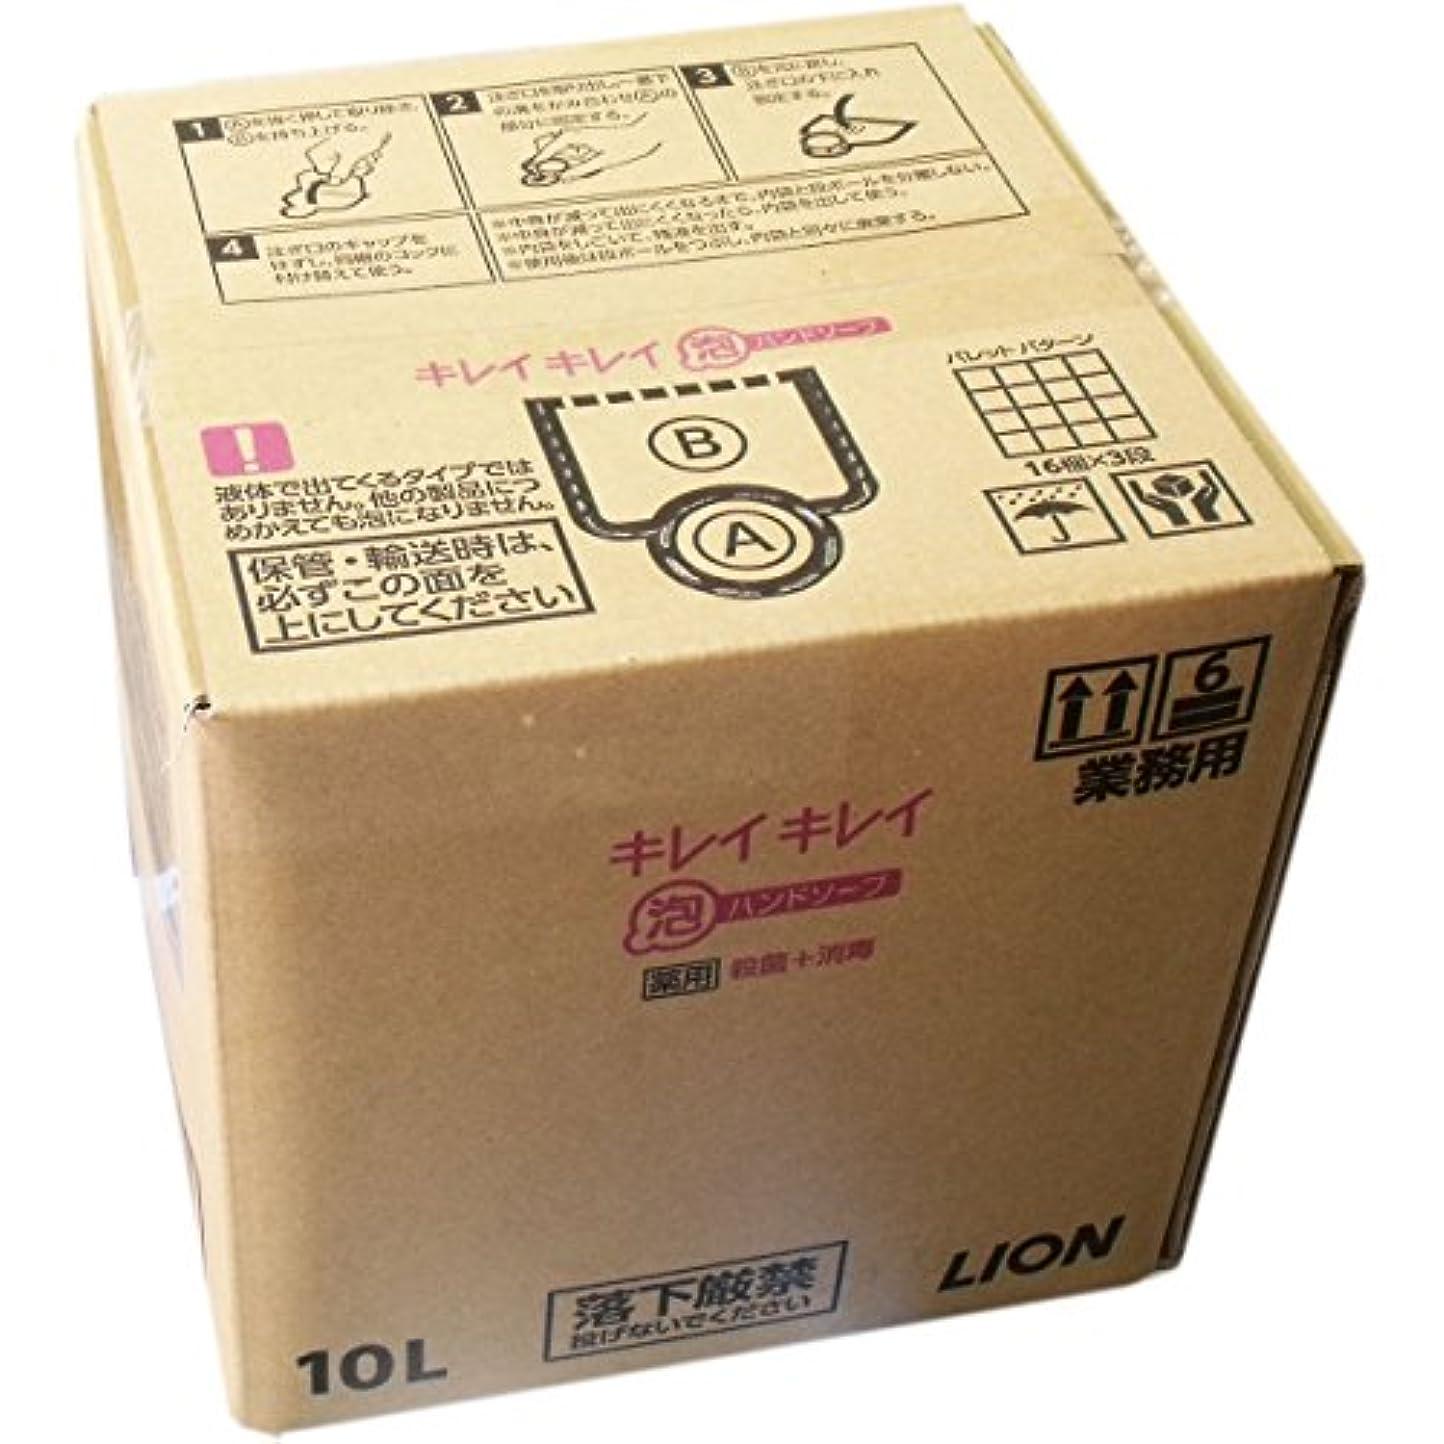 食い違い環境形成ライオン 業務用キレイキレイ 薬用泡ハンドソープ 10L